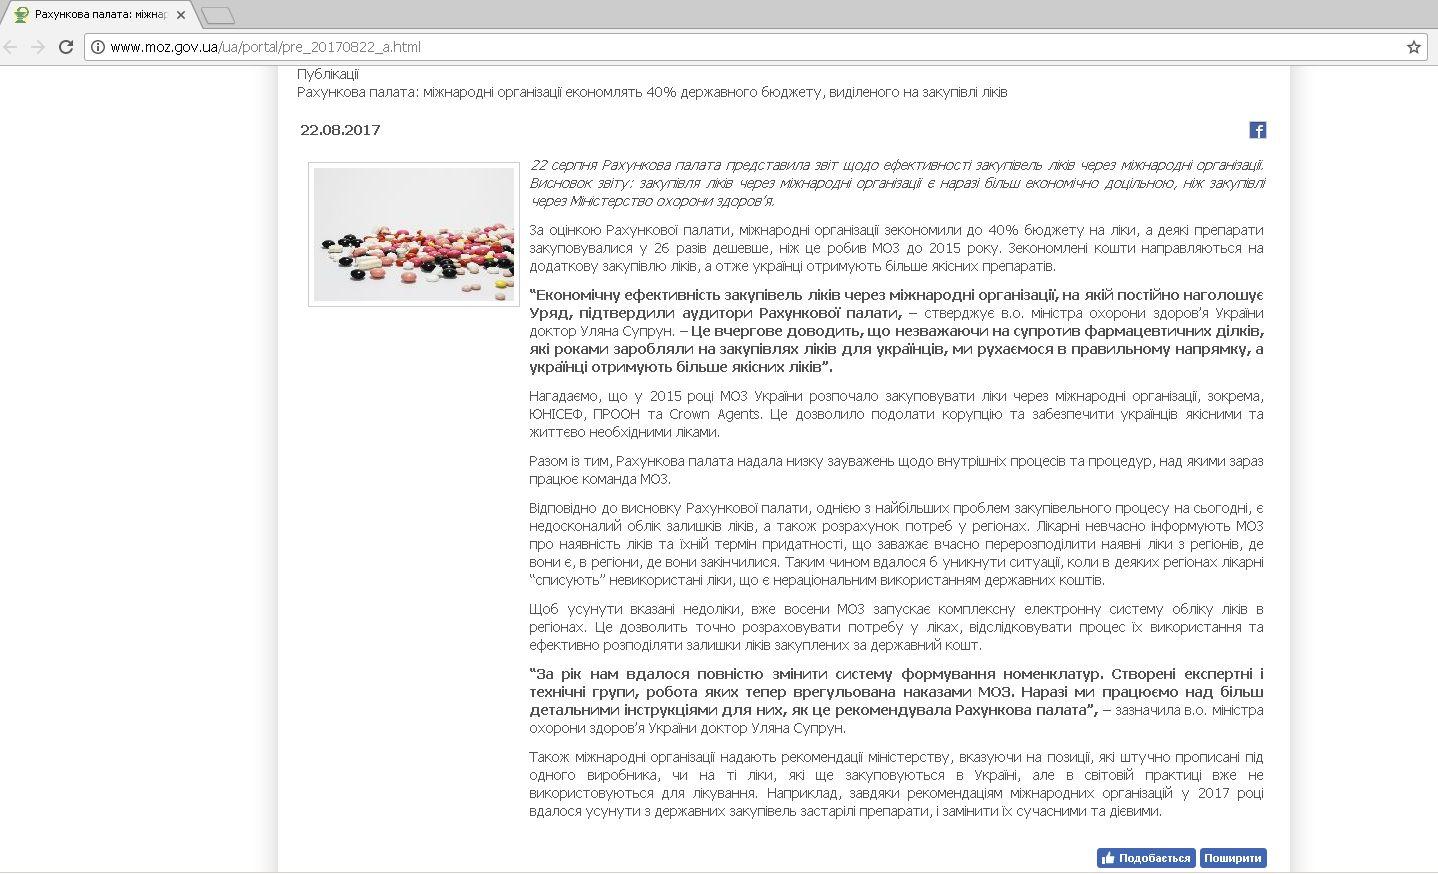 Кабмин одобрил создание украинской структуры для закупки фармацевтических средств